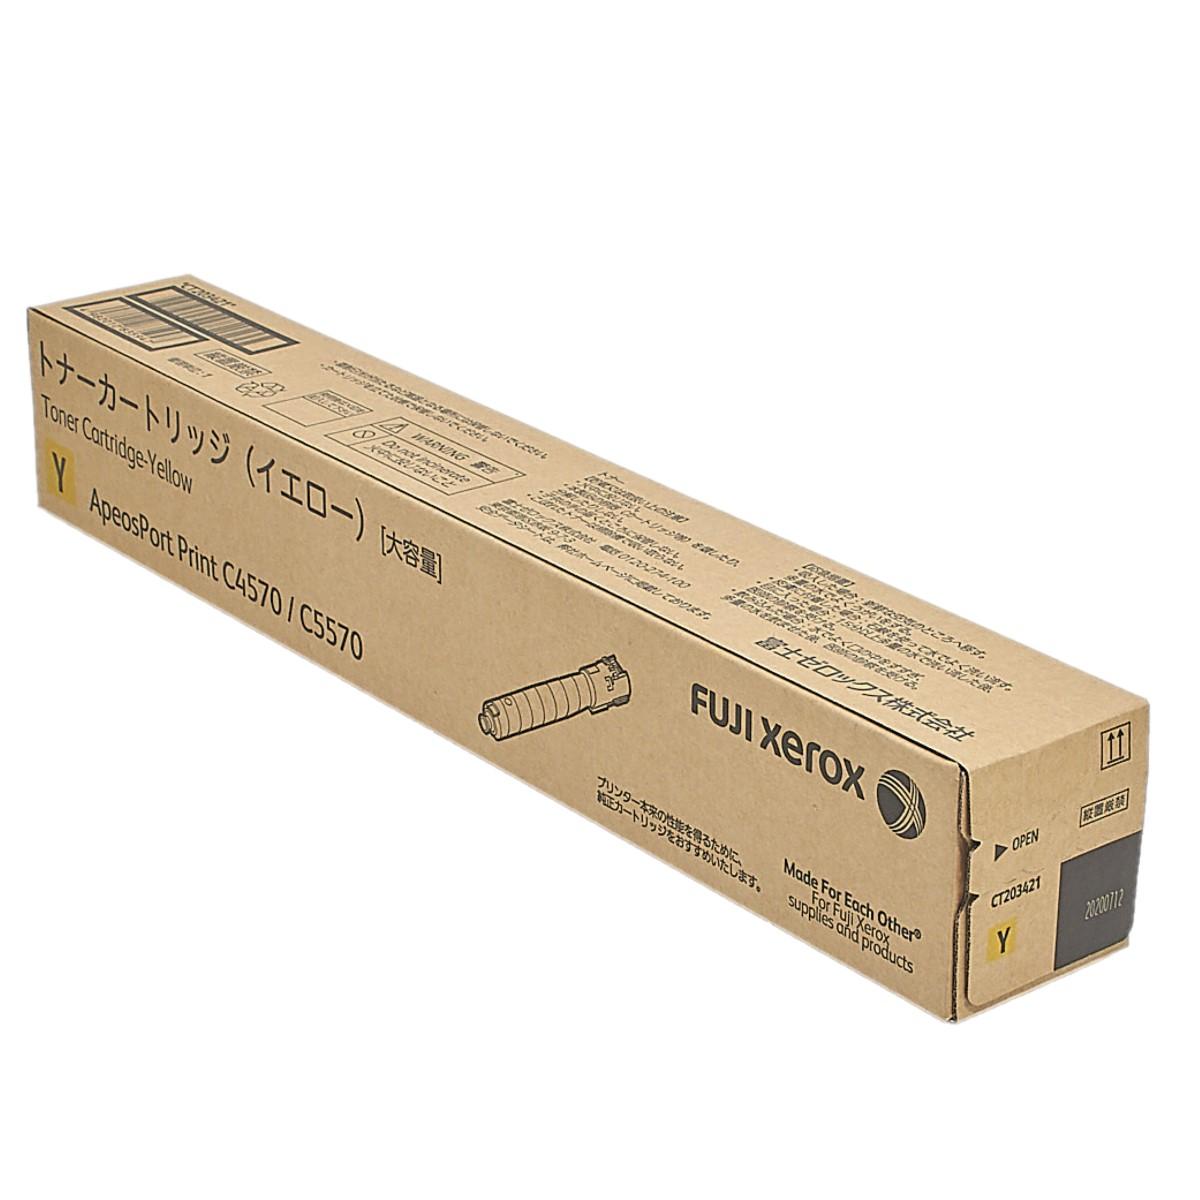 純正トナー 販売 送料無料 一年保証付 メーカー純正 XEROX CT203421トナーカートリッジ 輸入 イエロー 純正